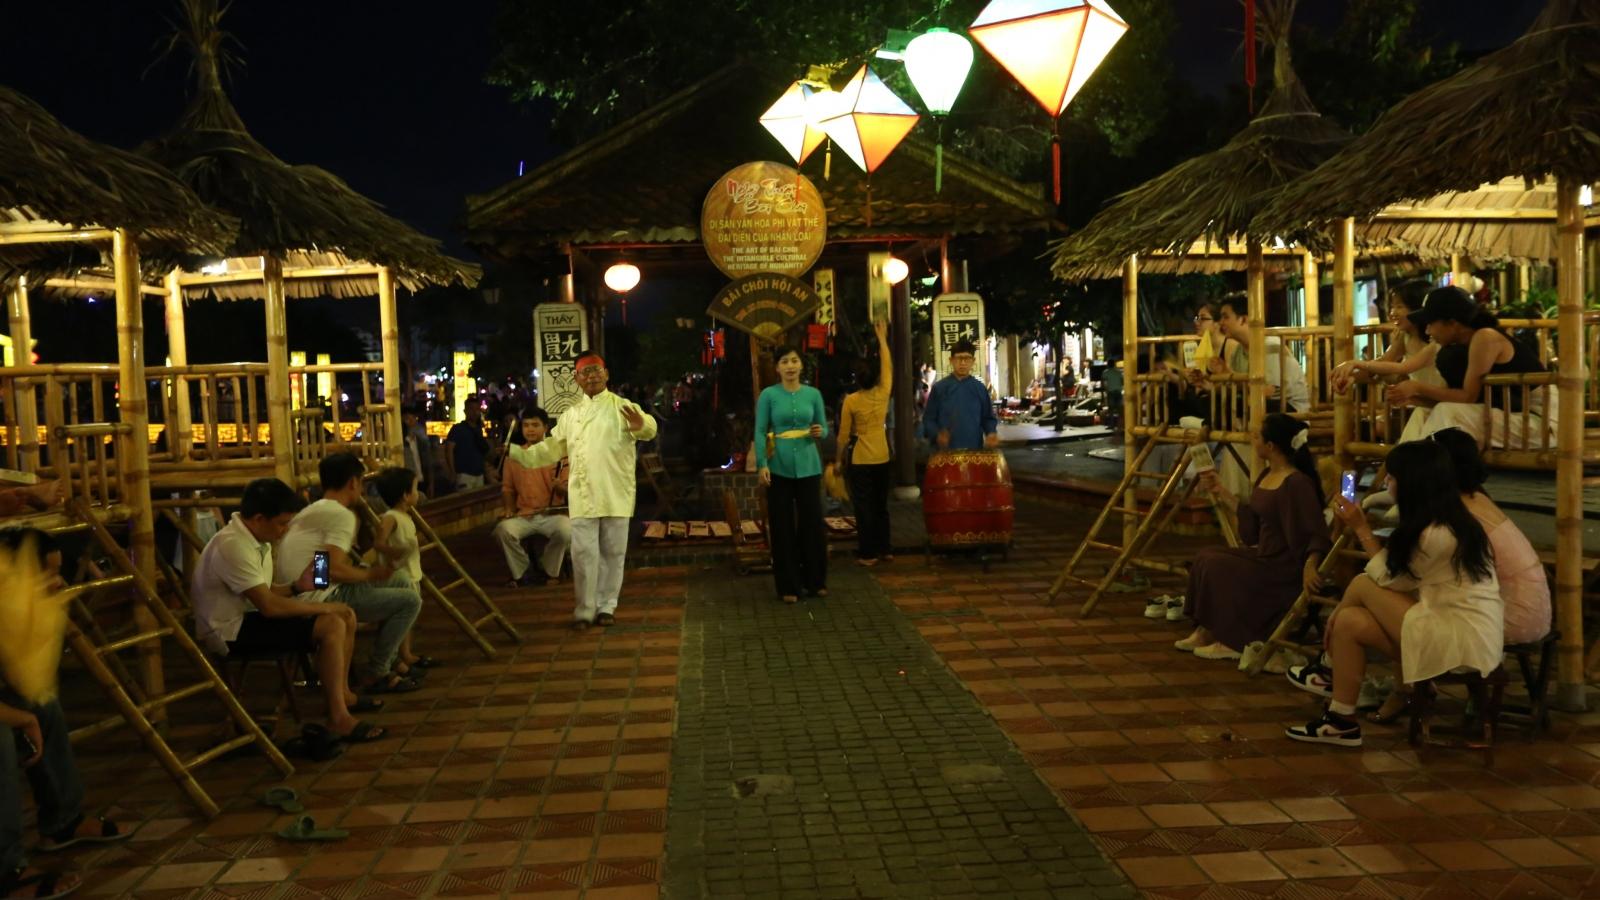 Đà Nẵng, Hội An dừng nhiều hoạt động trong dịp Tết để phòng chống dịch